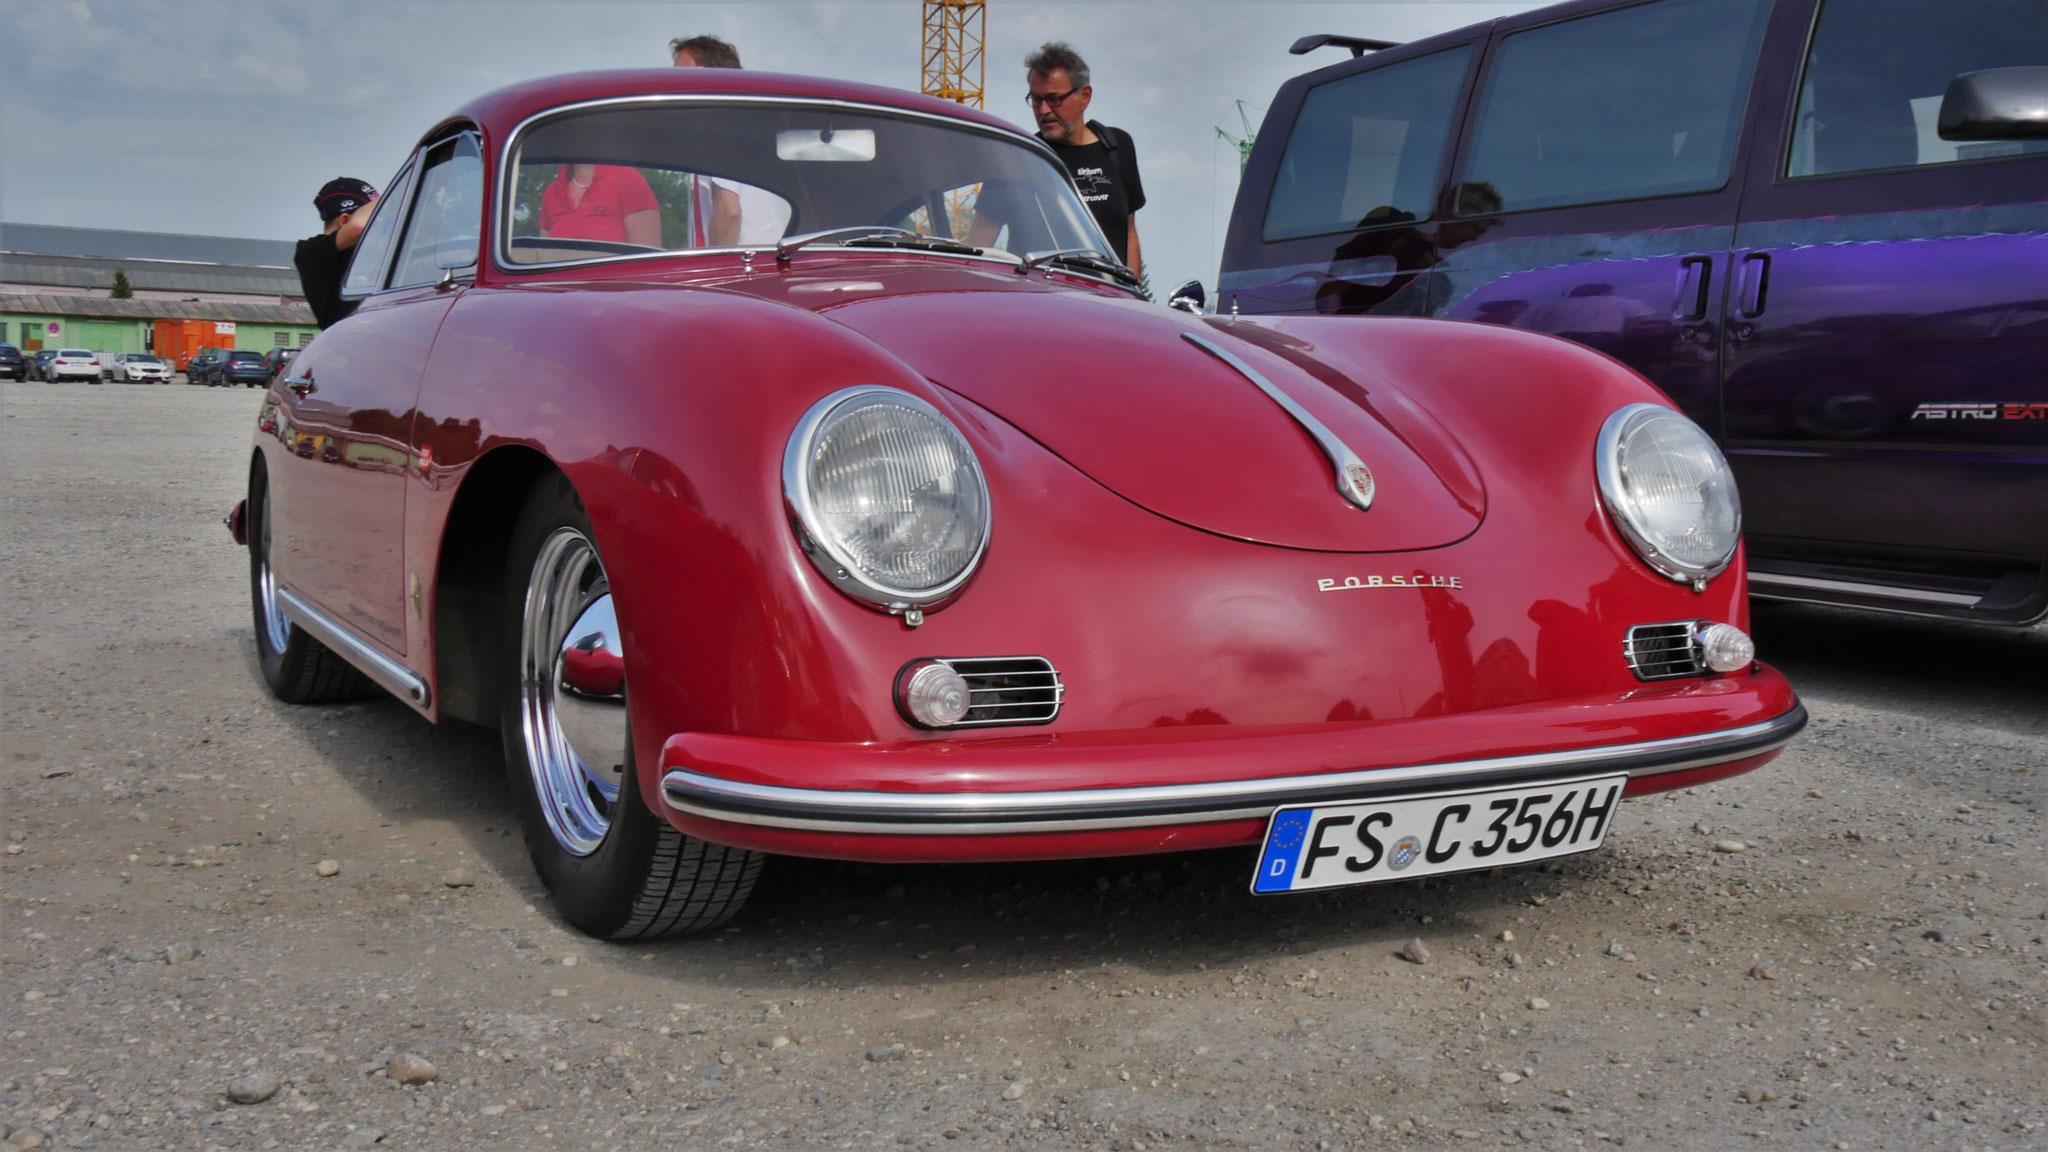 Porsche 356 1600SC - FS-C-356H